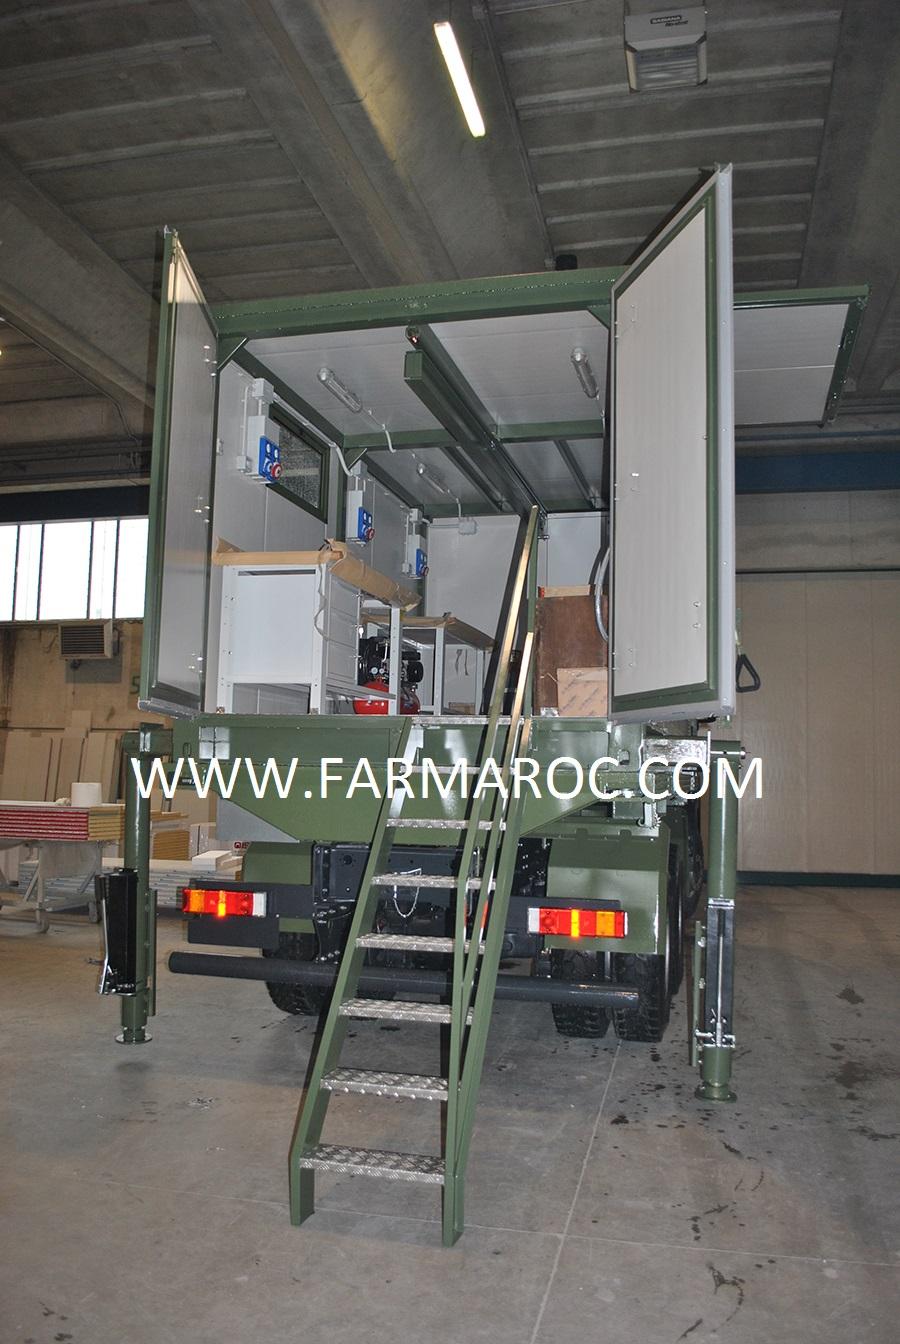 La Logistique des FAR / Moroccan Army Logistics - Page 11 30809636977_e1307c3558_o